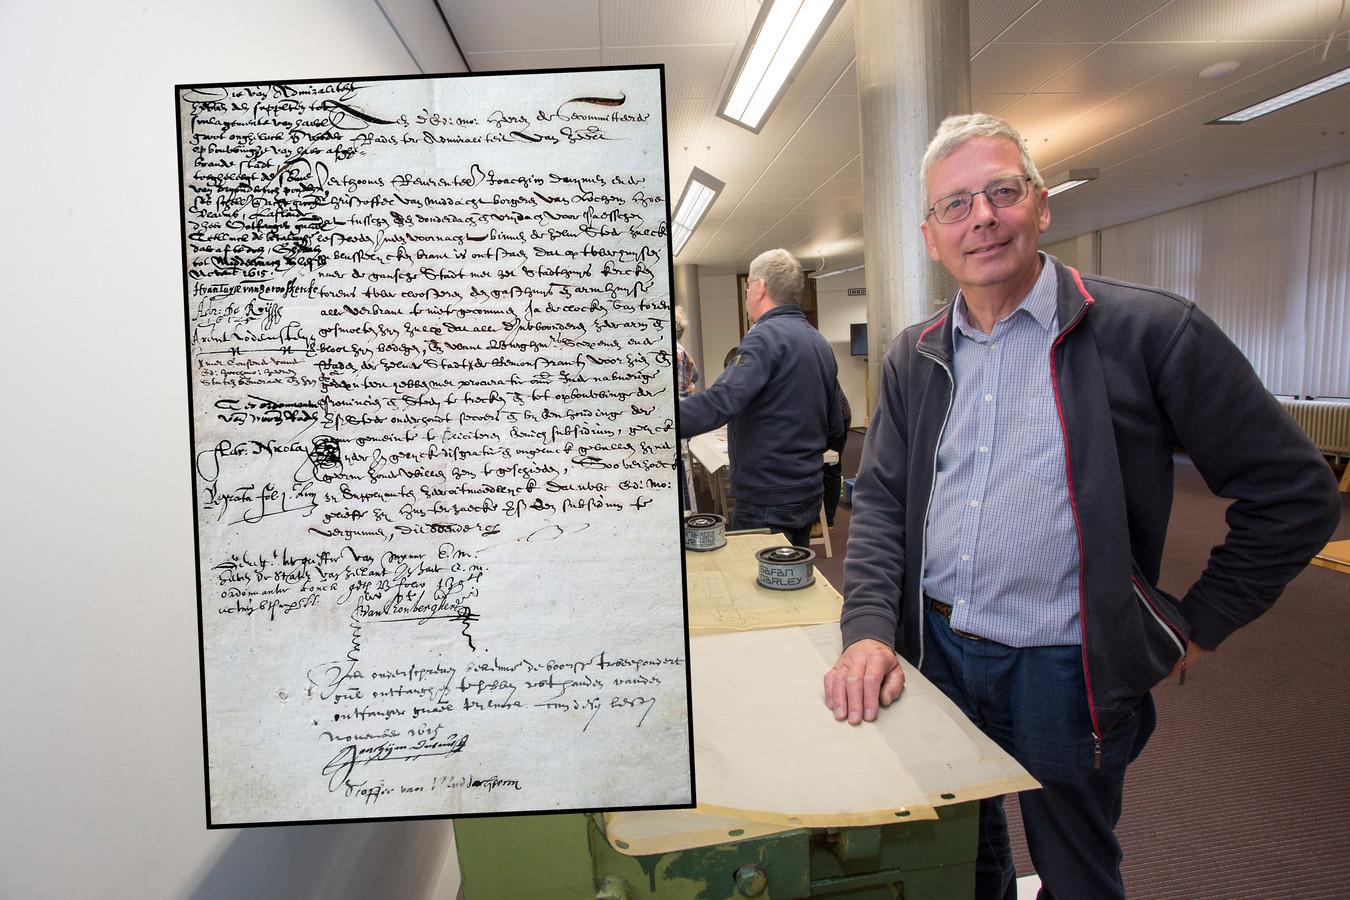 Paul Roodbol van Historisch Genootschap Lochem is in zijn nopjes met de ontdekking van de bedelbrief uit 1615. ,,Maar die blijft in het Zeeuws Archief. Wij hebben geen fysiek museum en missen de juiste condities om zo'n oude, kwetsbare brief te kunnen opslaan.''